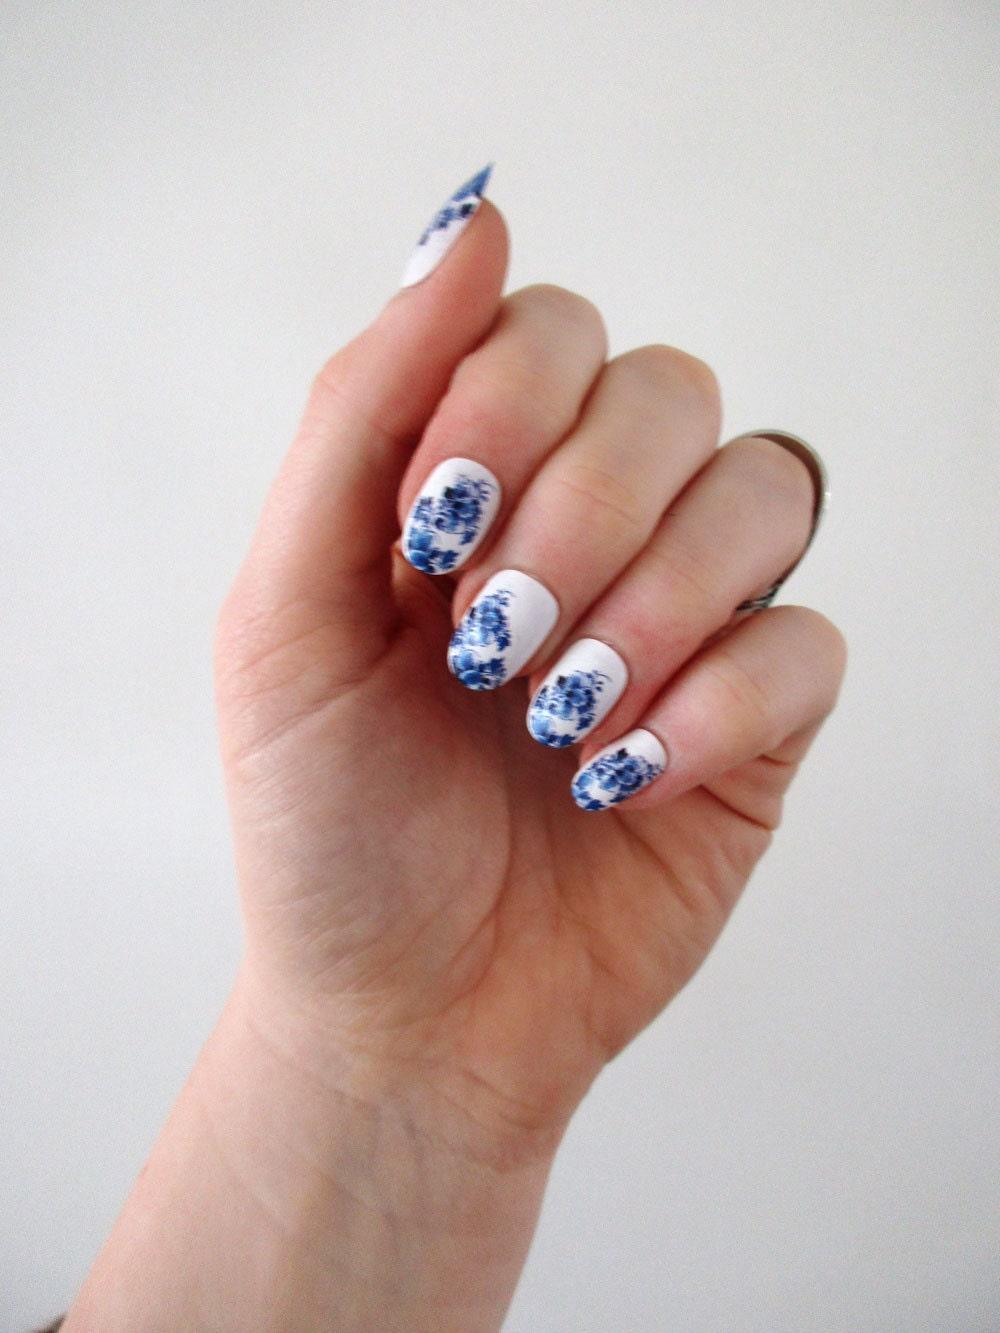 Blue Nail Trend: Delft Blue Nail Tattoos / Nail Decals / Nail Art / Boho Nails